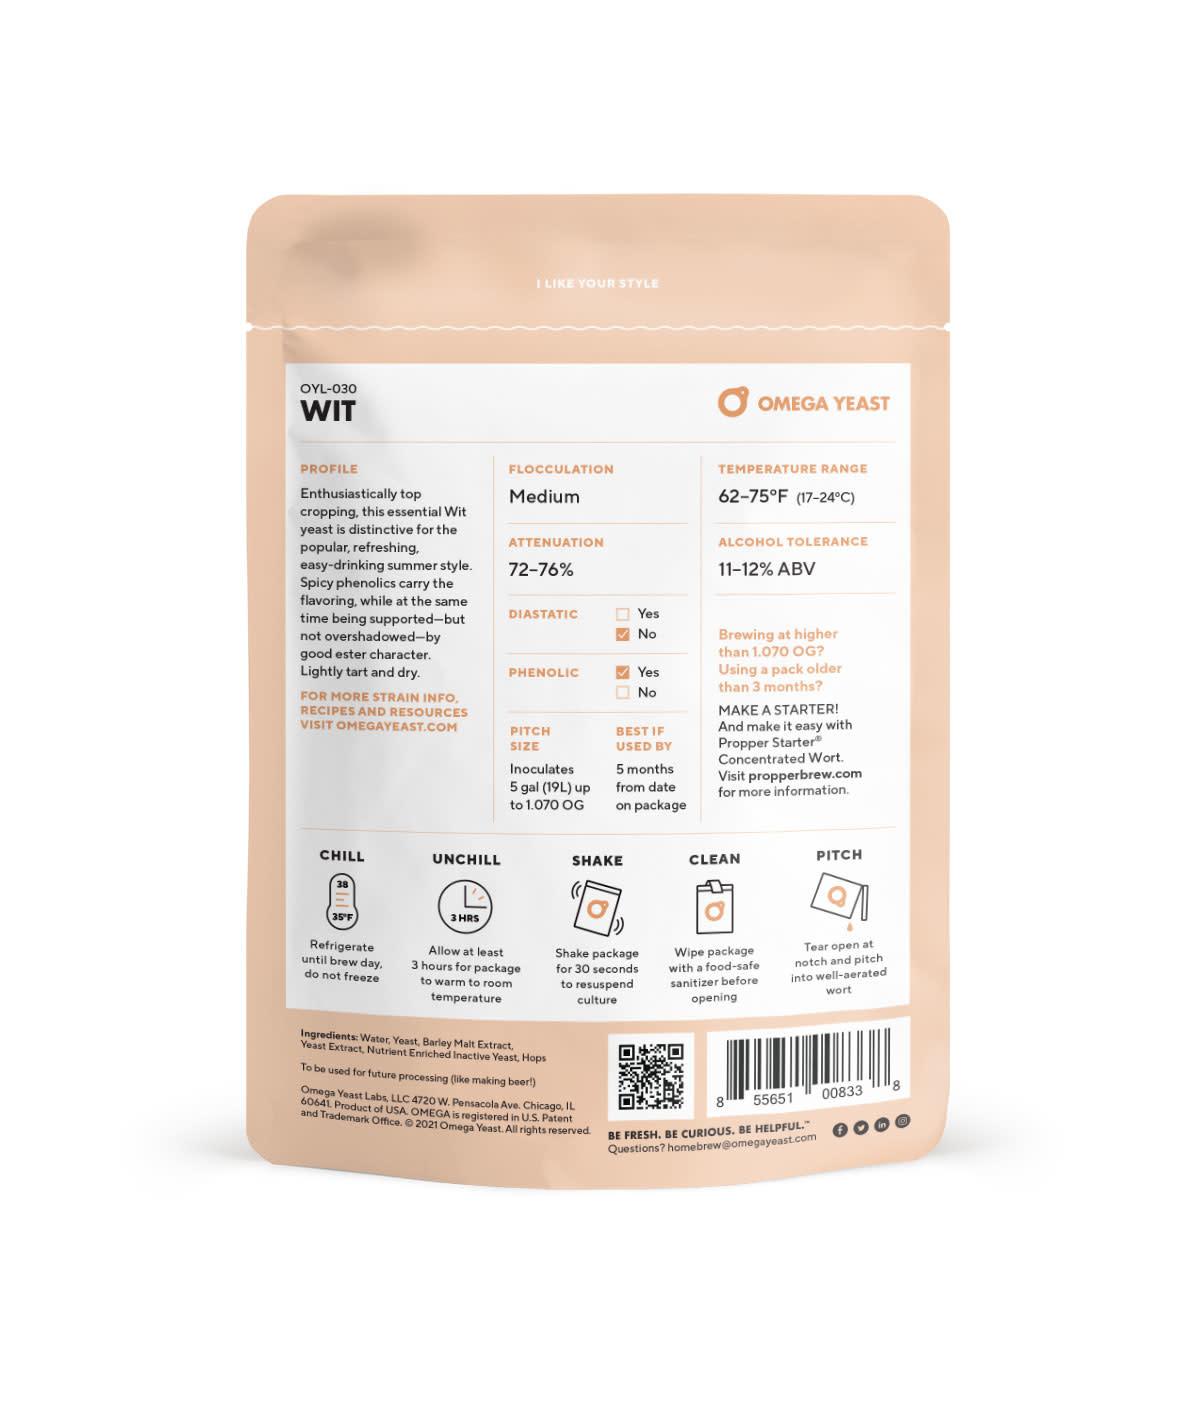 Omega Yeast Labs Omega OYL-030 Wit